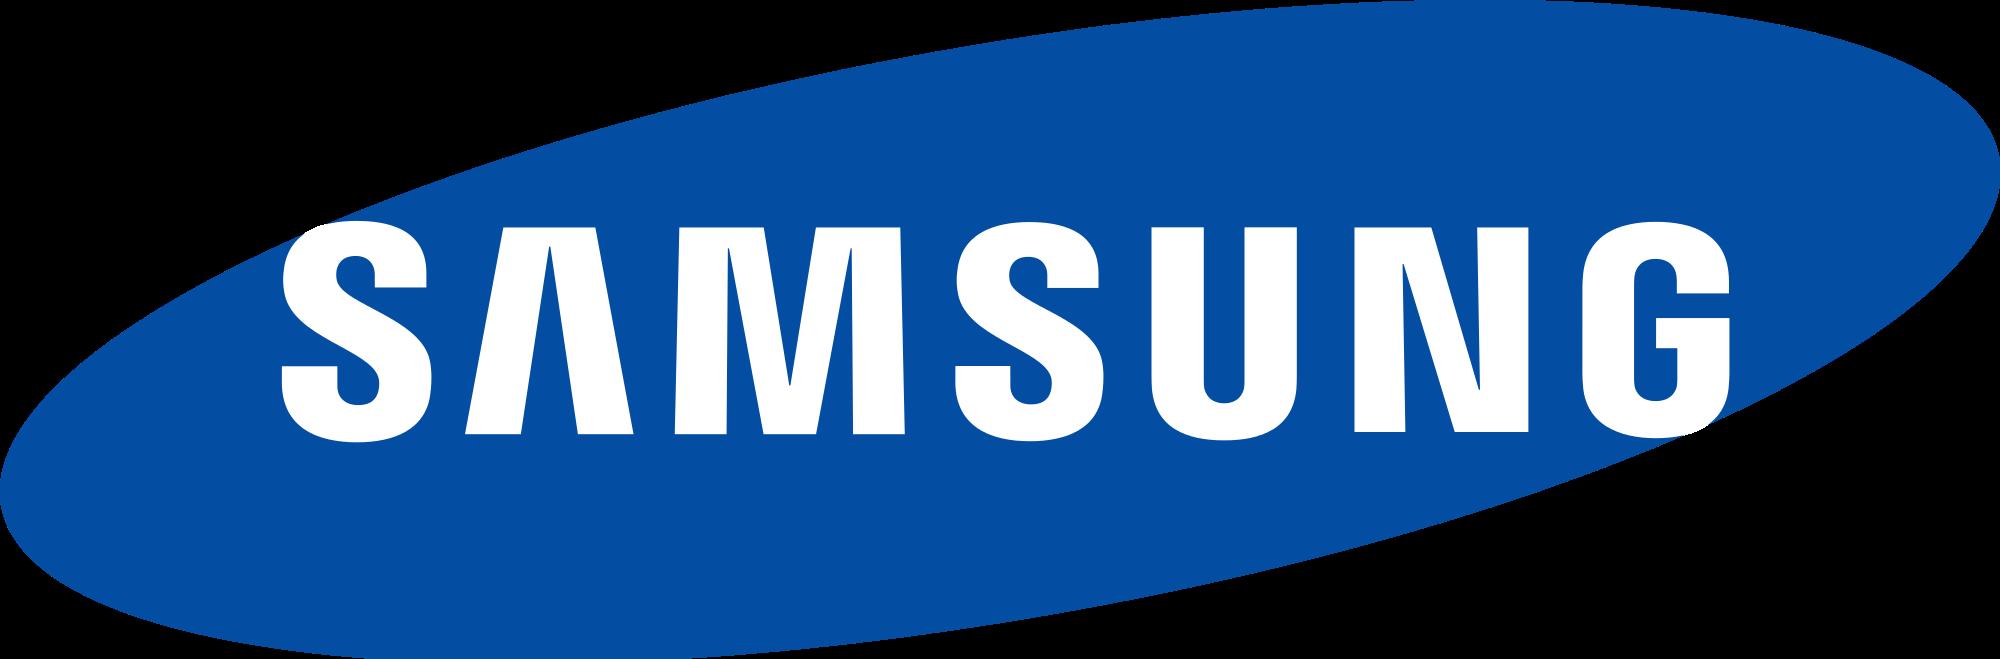 Image result for samsung png